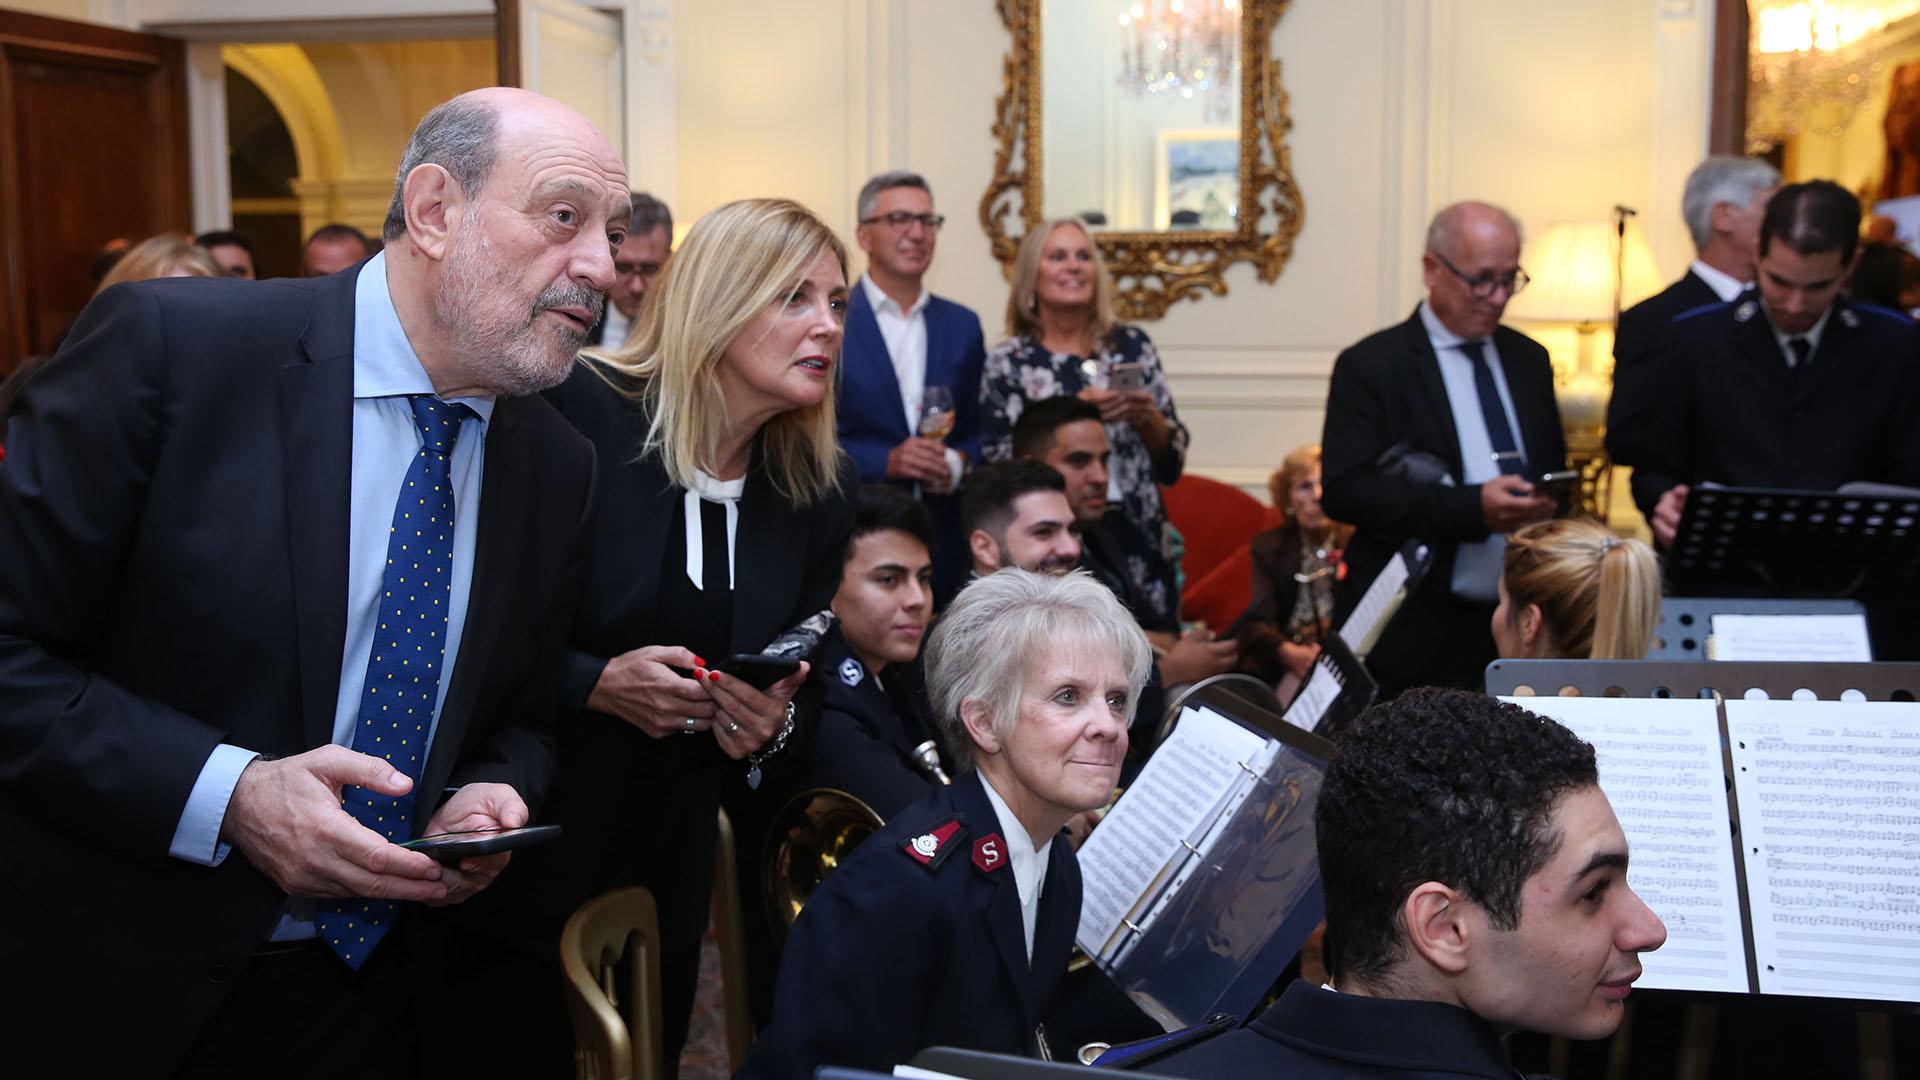 El evento contó con el apoyo de varias empresas británicas, que tuvieron amplia oportunidad para desplegar sus productos y servicios con el sello de excelencia del Reino Unido /// Fotos: Christian Bochichio y Gentileza Embajada británica